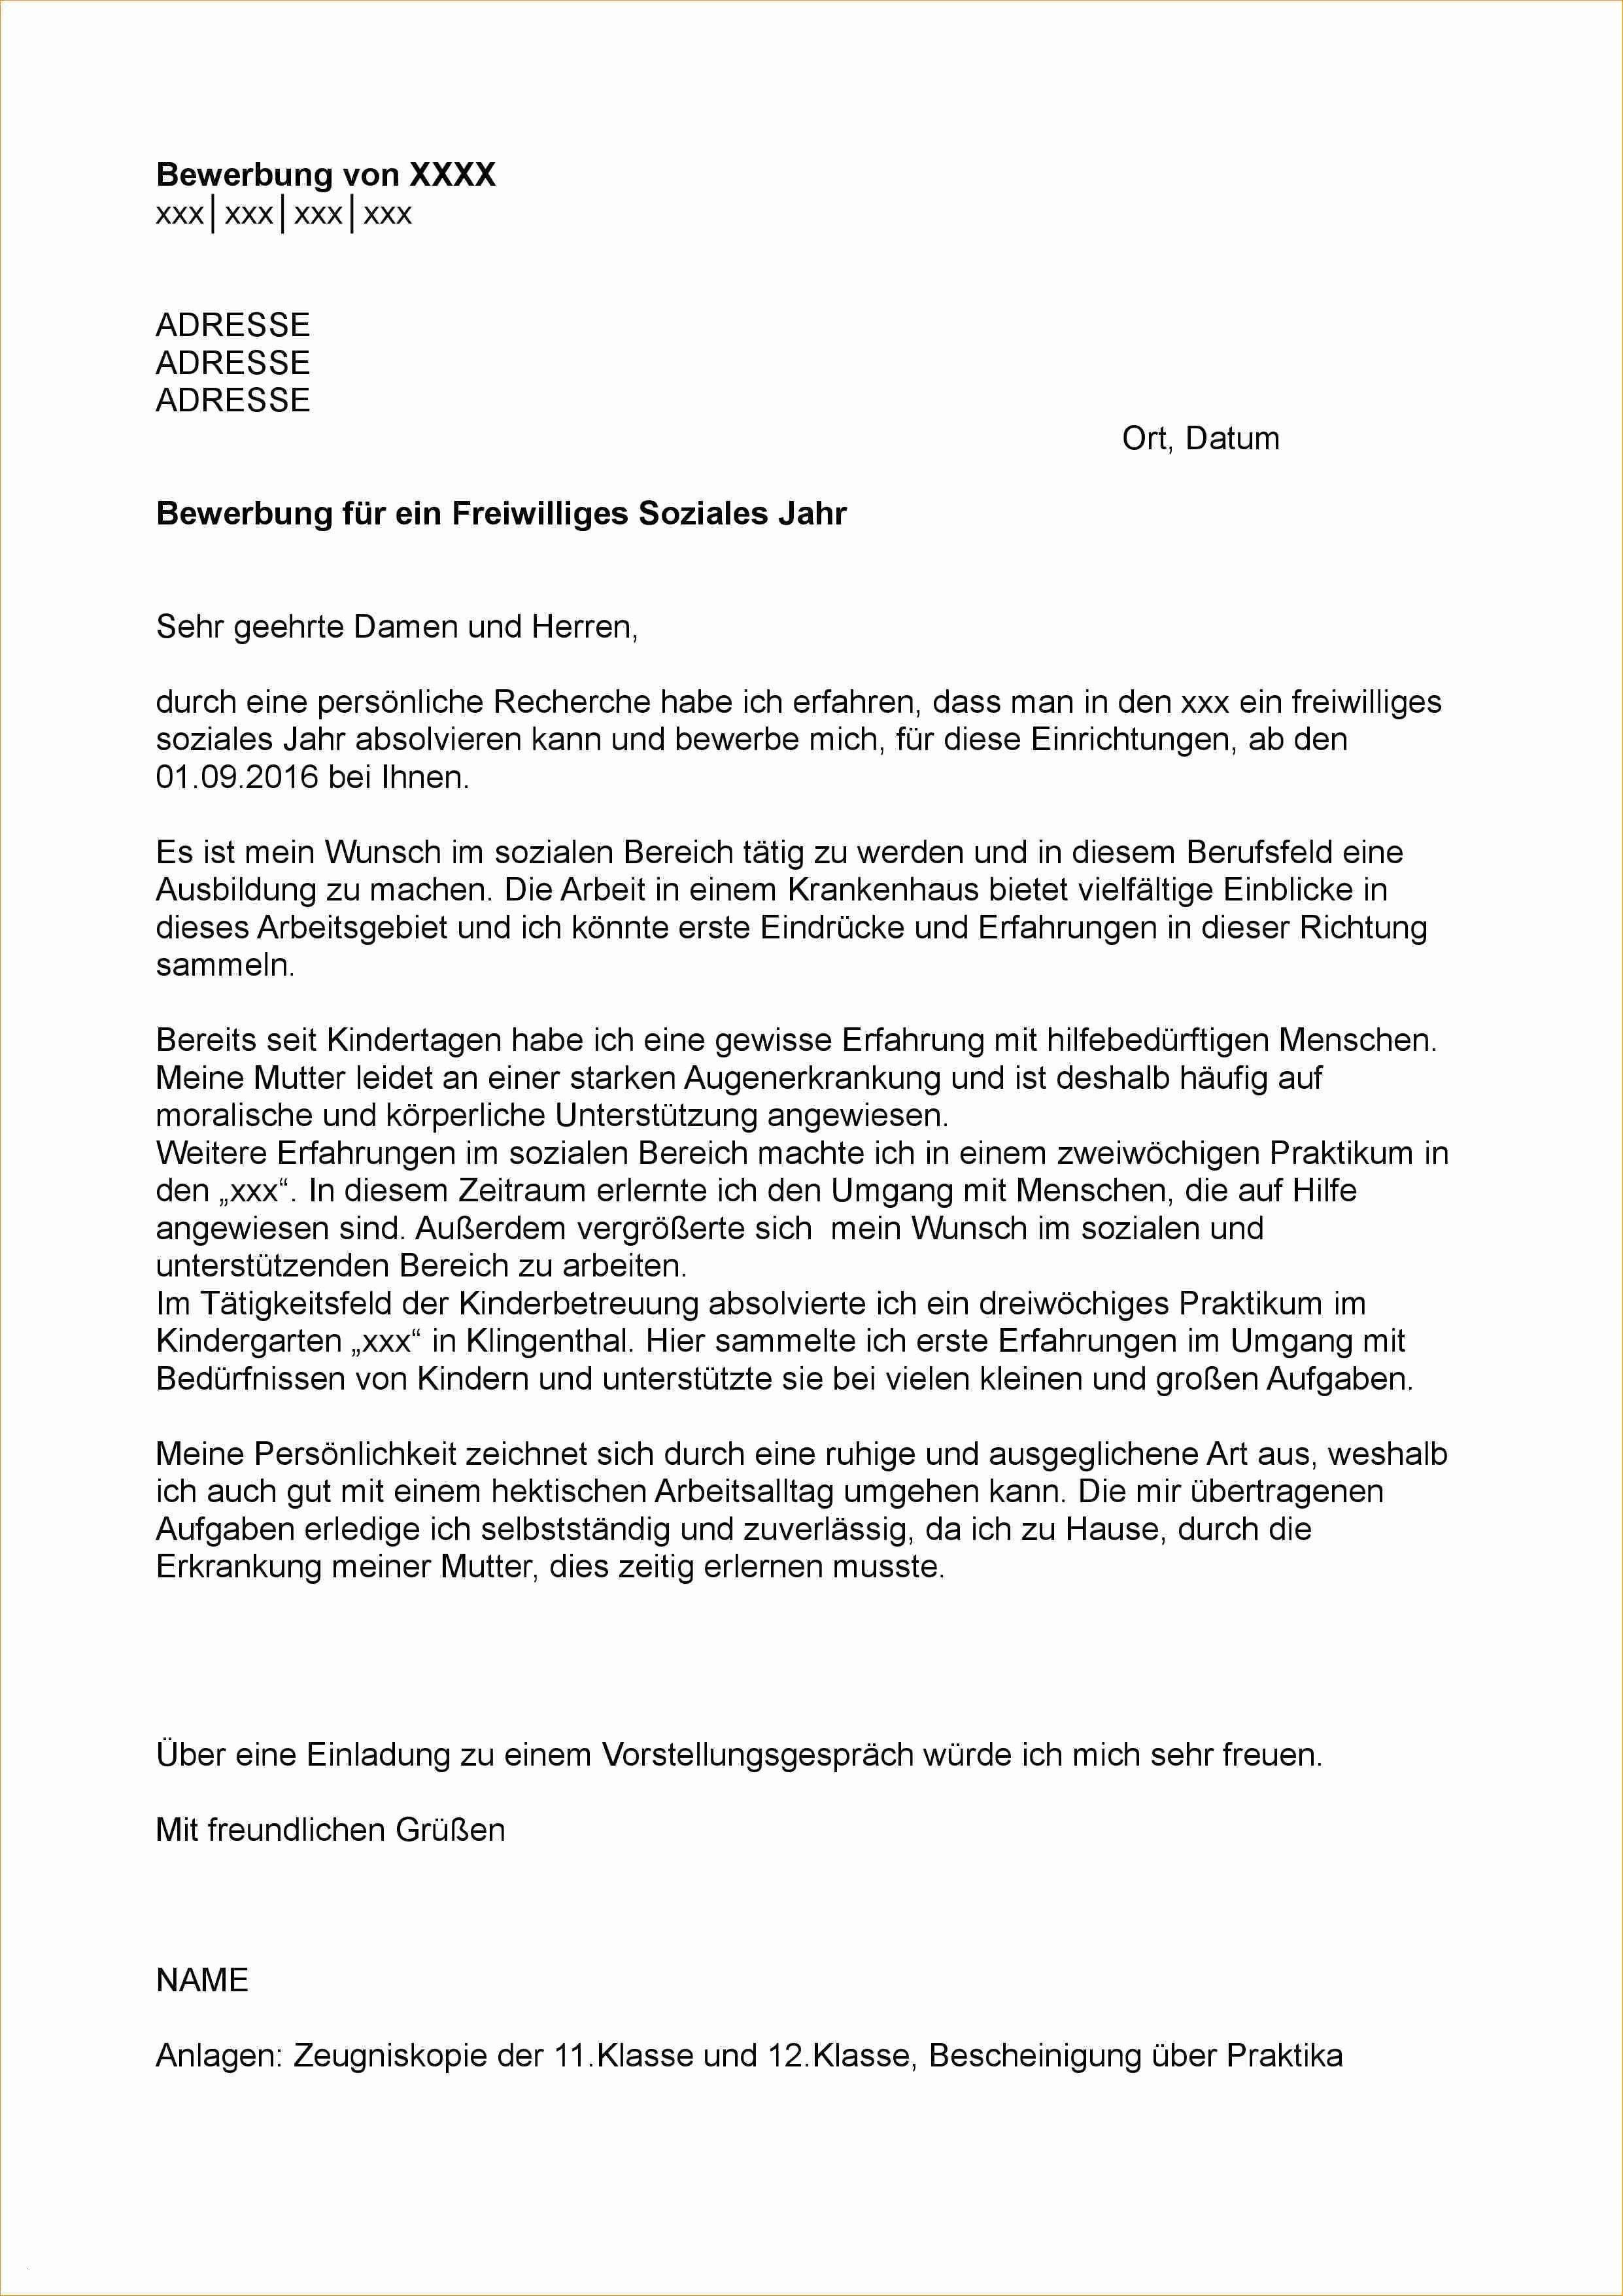 Einzigartig Bewerbung Als Hausmeister Quereinsteiger Briefprobe Briefformat Briefvorlage Vorlagen Lebenslauf Bewerbung Schreiben Bewerbung